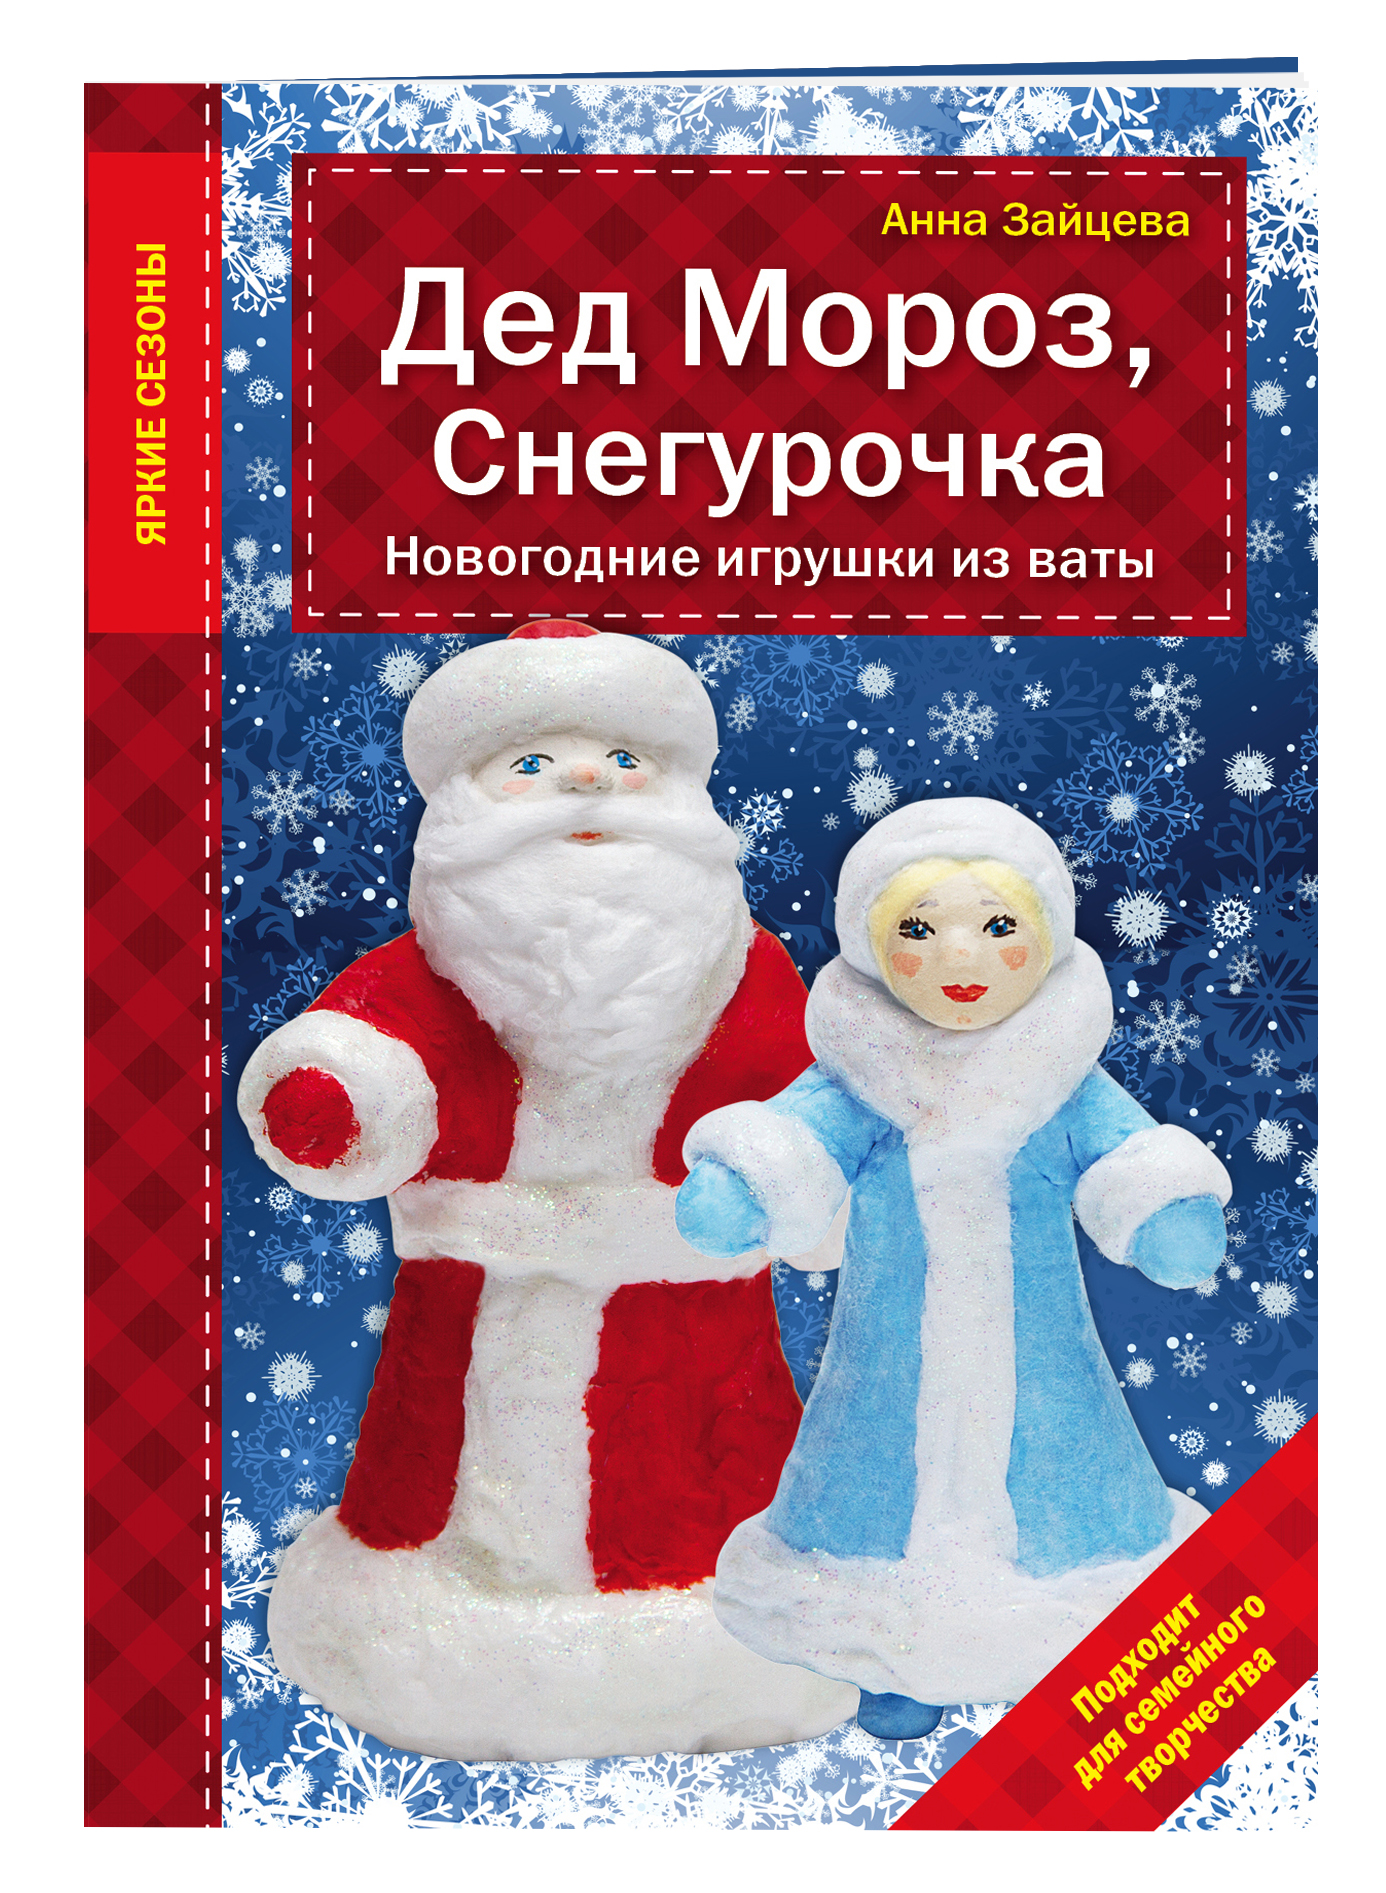 Зайцева А.А. Дед Мороз, Снегурочка. Новогодние игрушки из ваты музыкальные игрушки азбукварик новогодние игрушки дед мороз